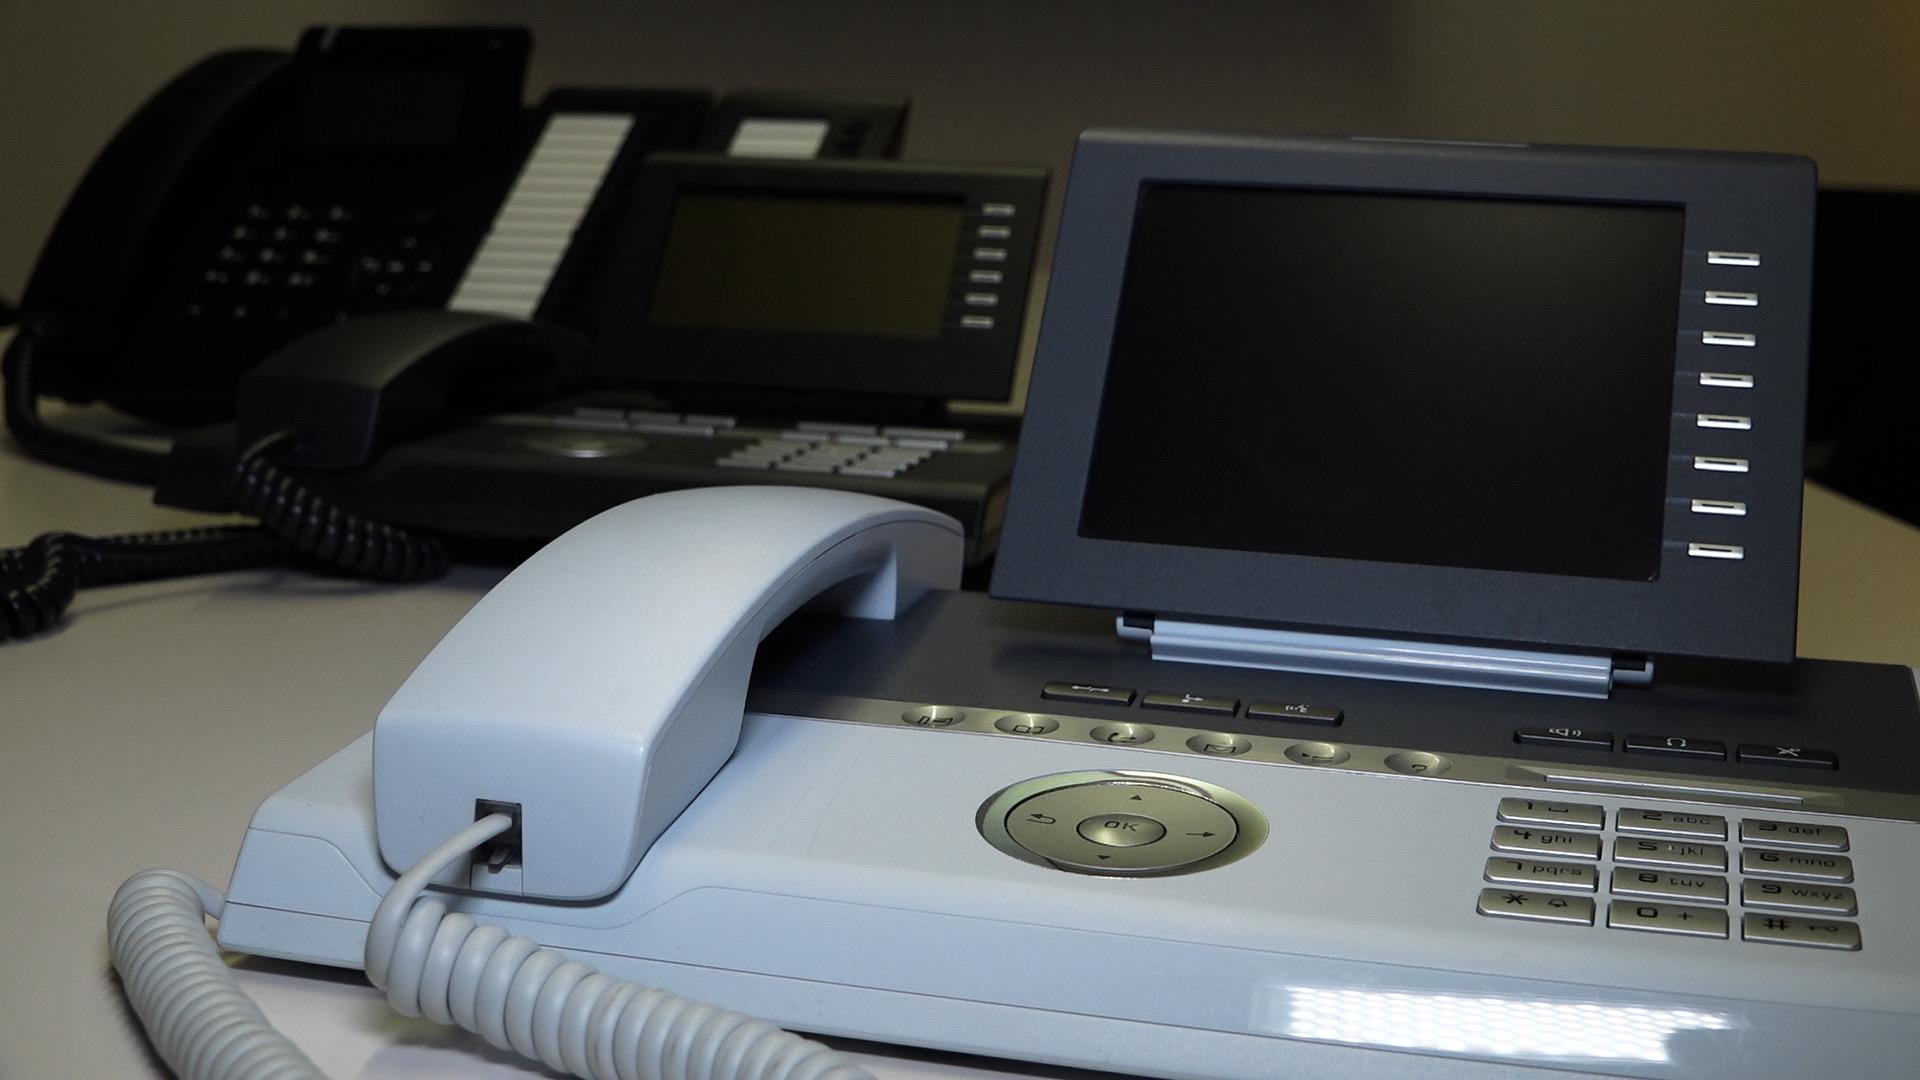 Ministerstvo práce zruší spornou zakázku: chtělo se zbavit 14 500 telefonů